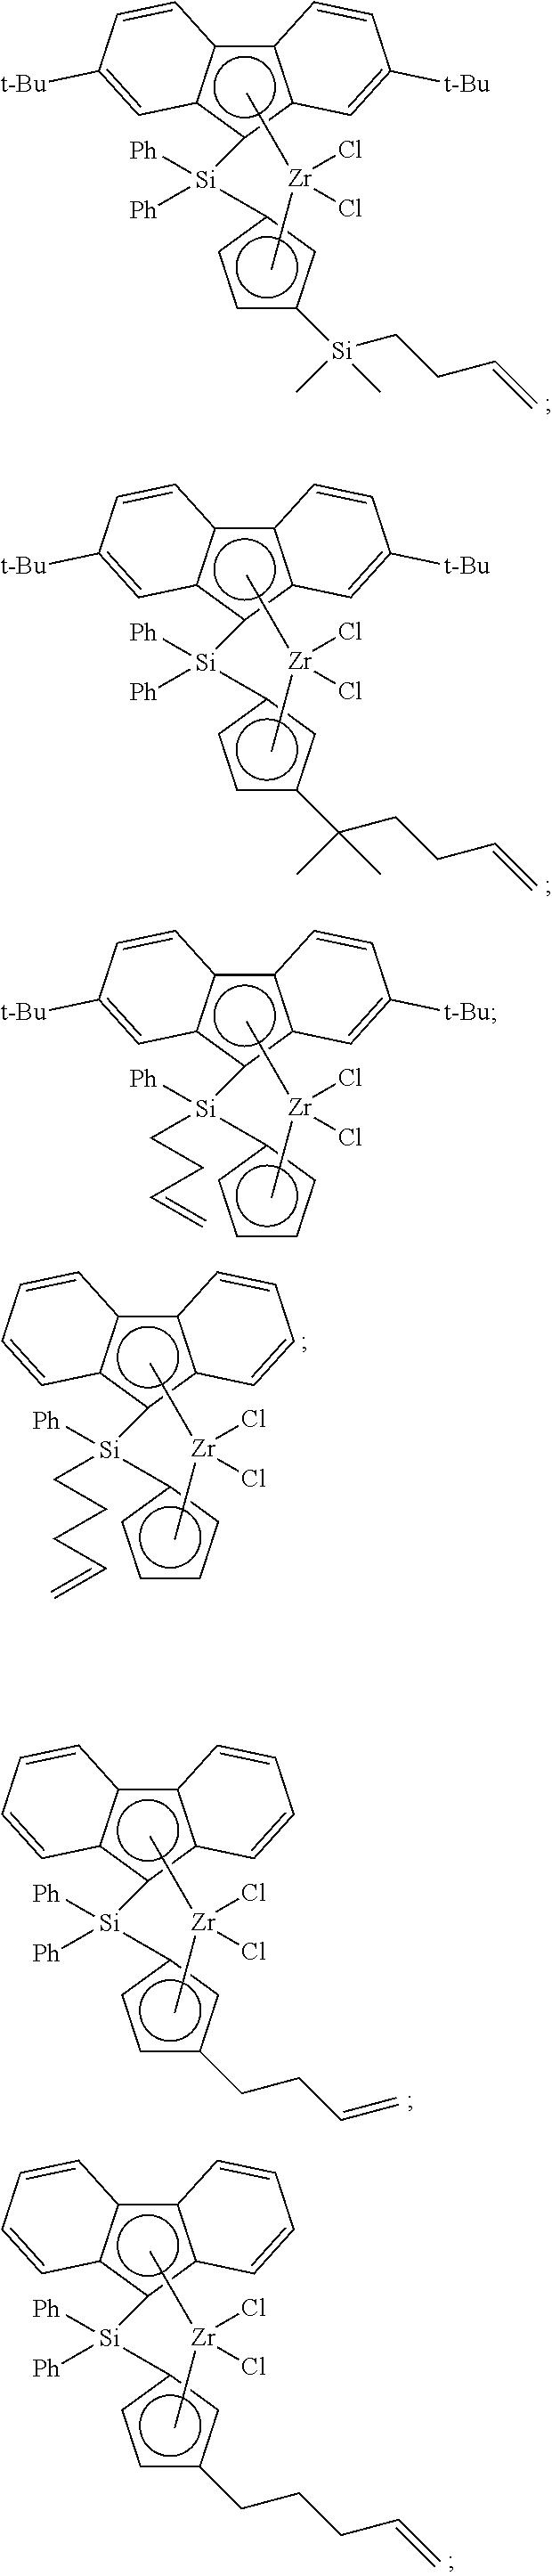 Figure US08609793-20131217-C00017